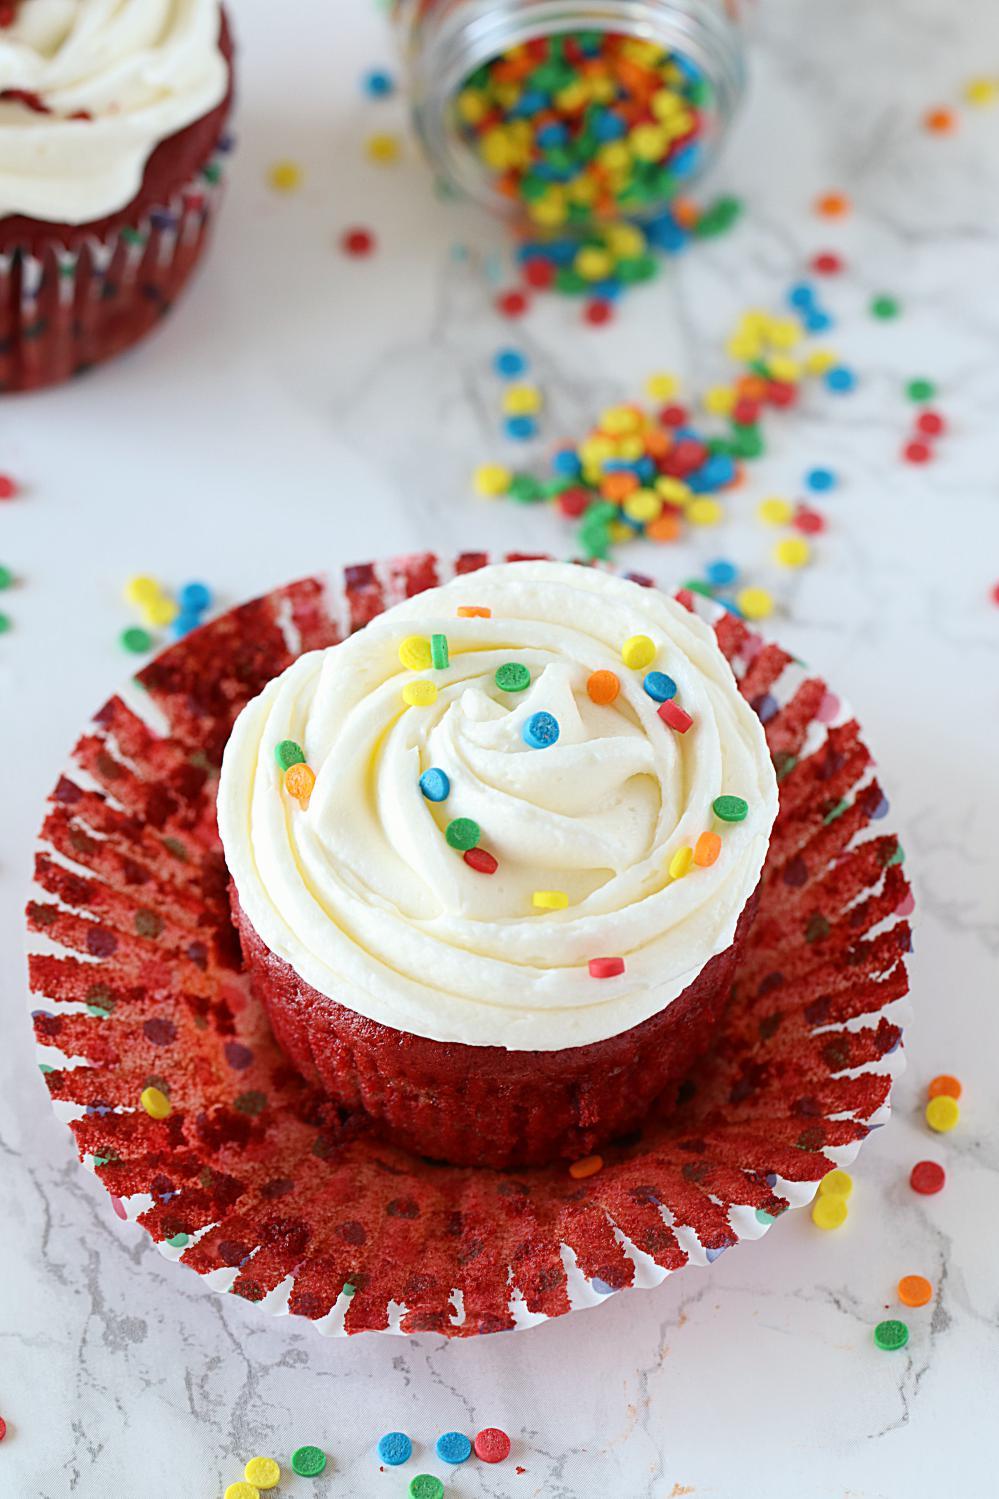 How to make Eggless Red Velvet Cake - Ruchiskitchen